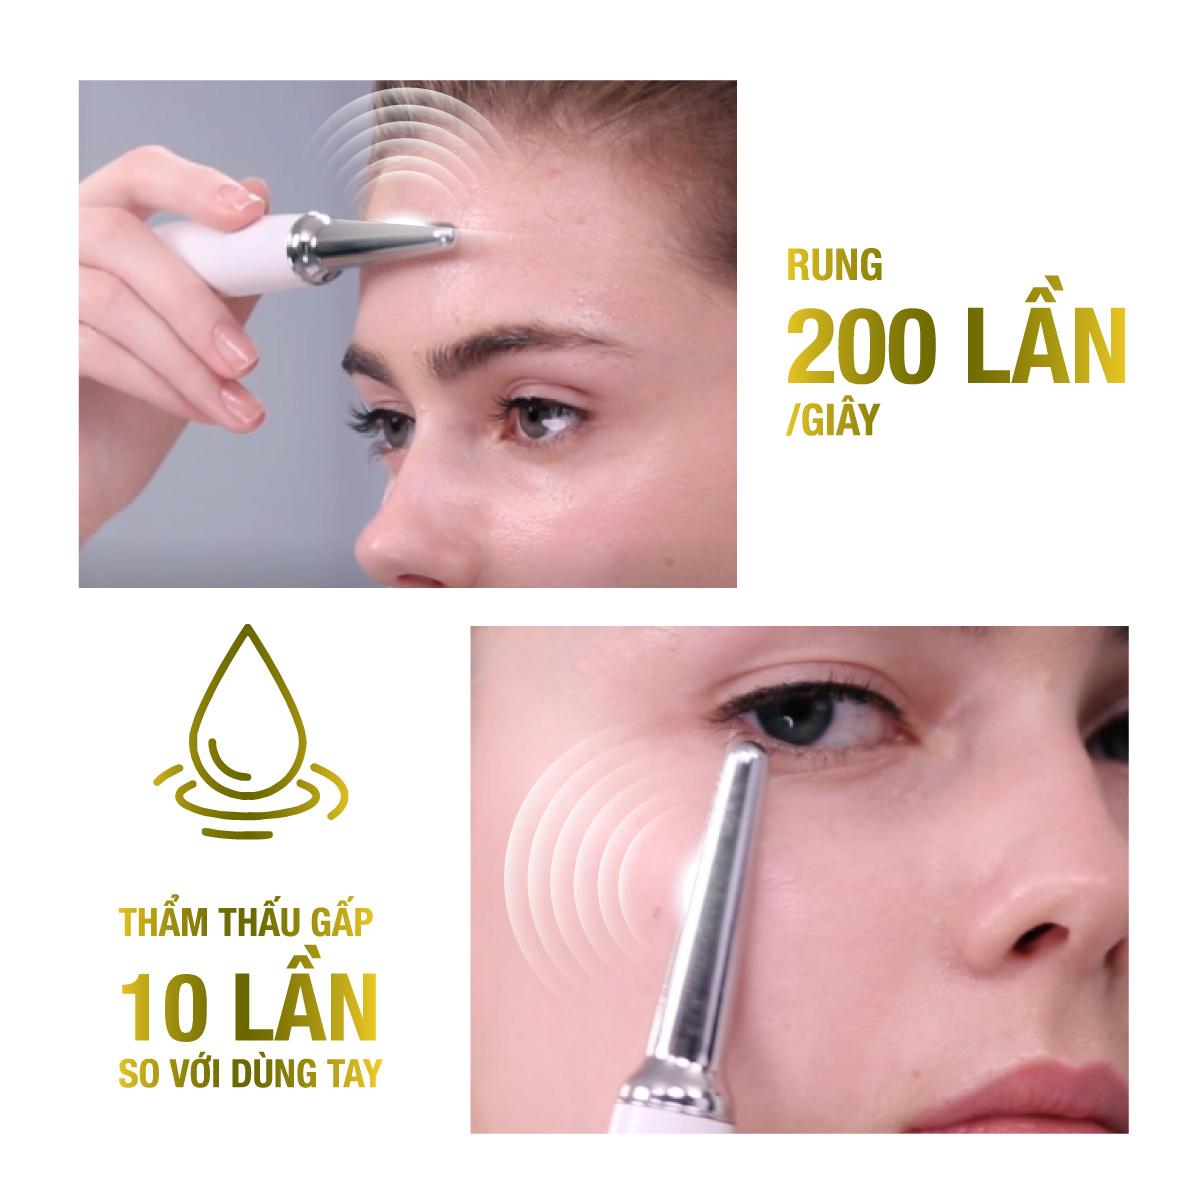 Máy Điện Di Đẩy Tinh Chất Skin Master